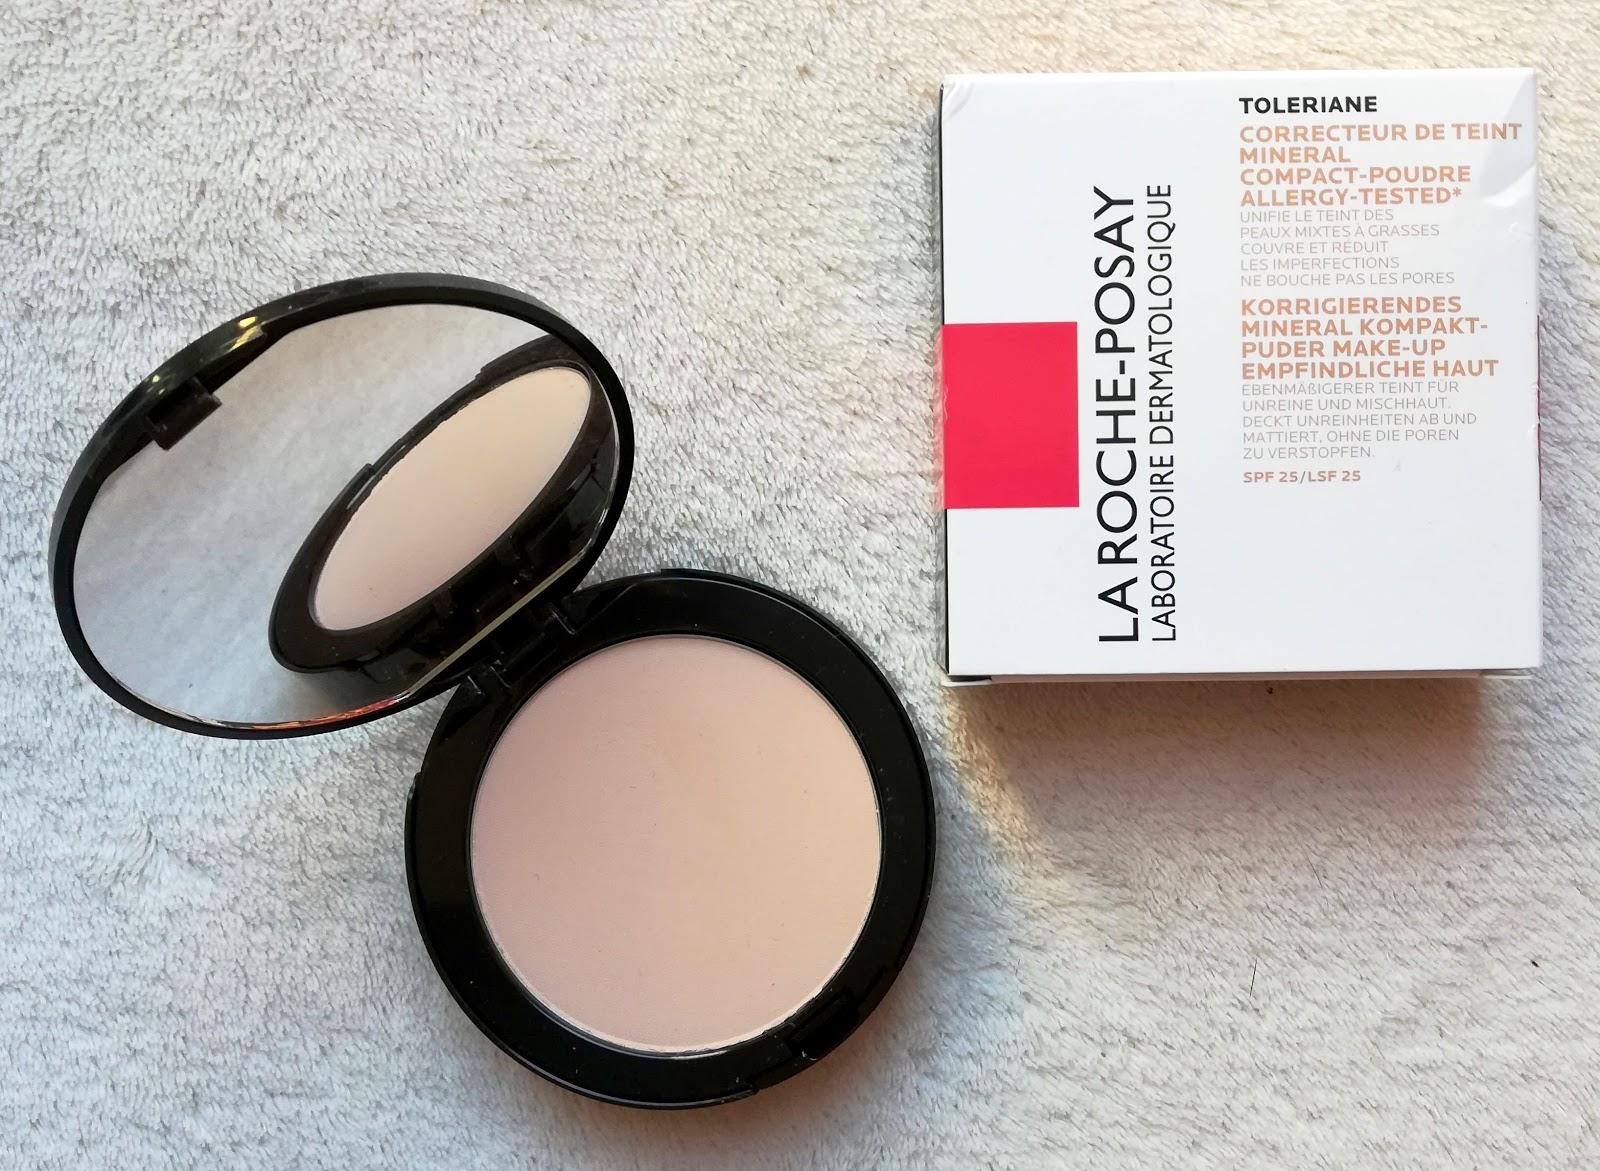 https://www.laroche-posay.fr/produits-soins/toleriane-maquillage/toleriane-teint-mineral-p24705.aspx